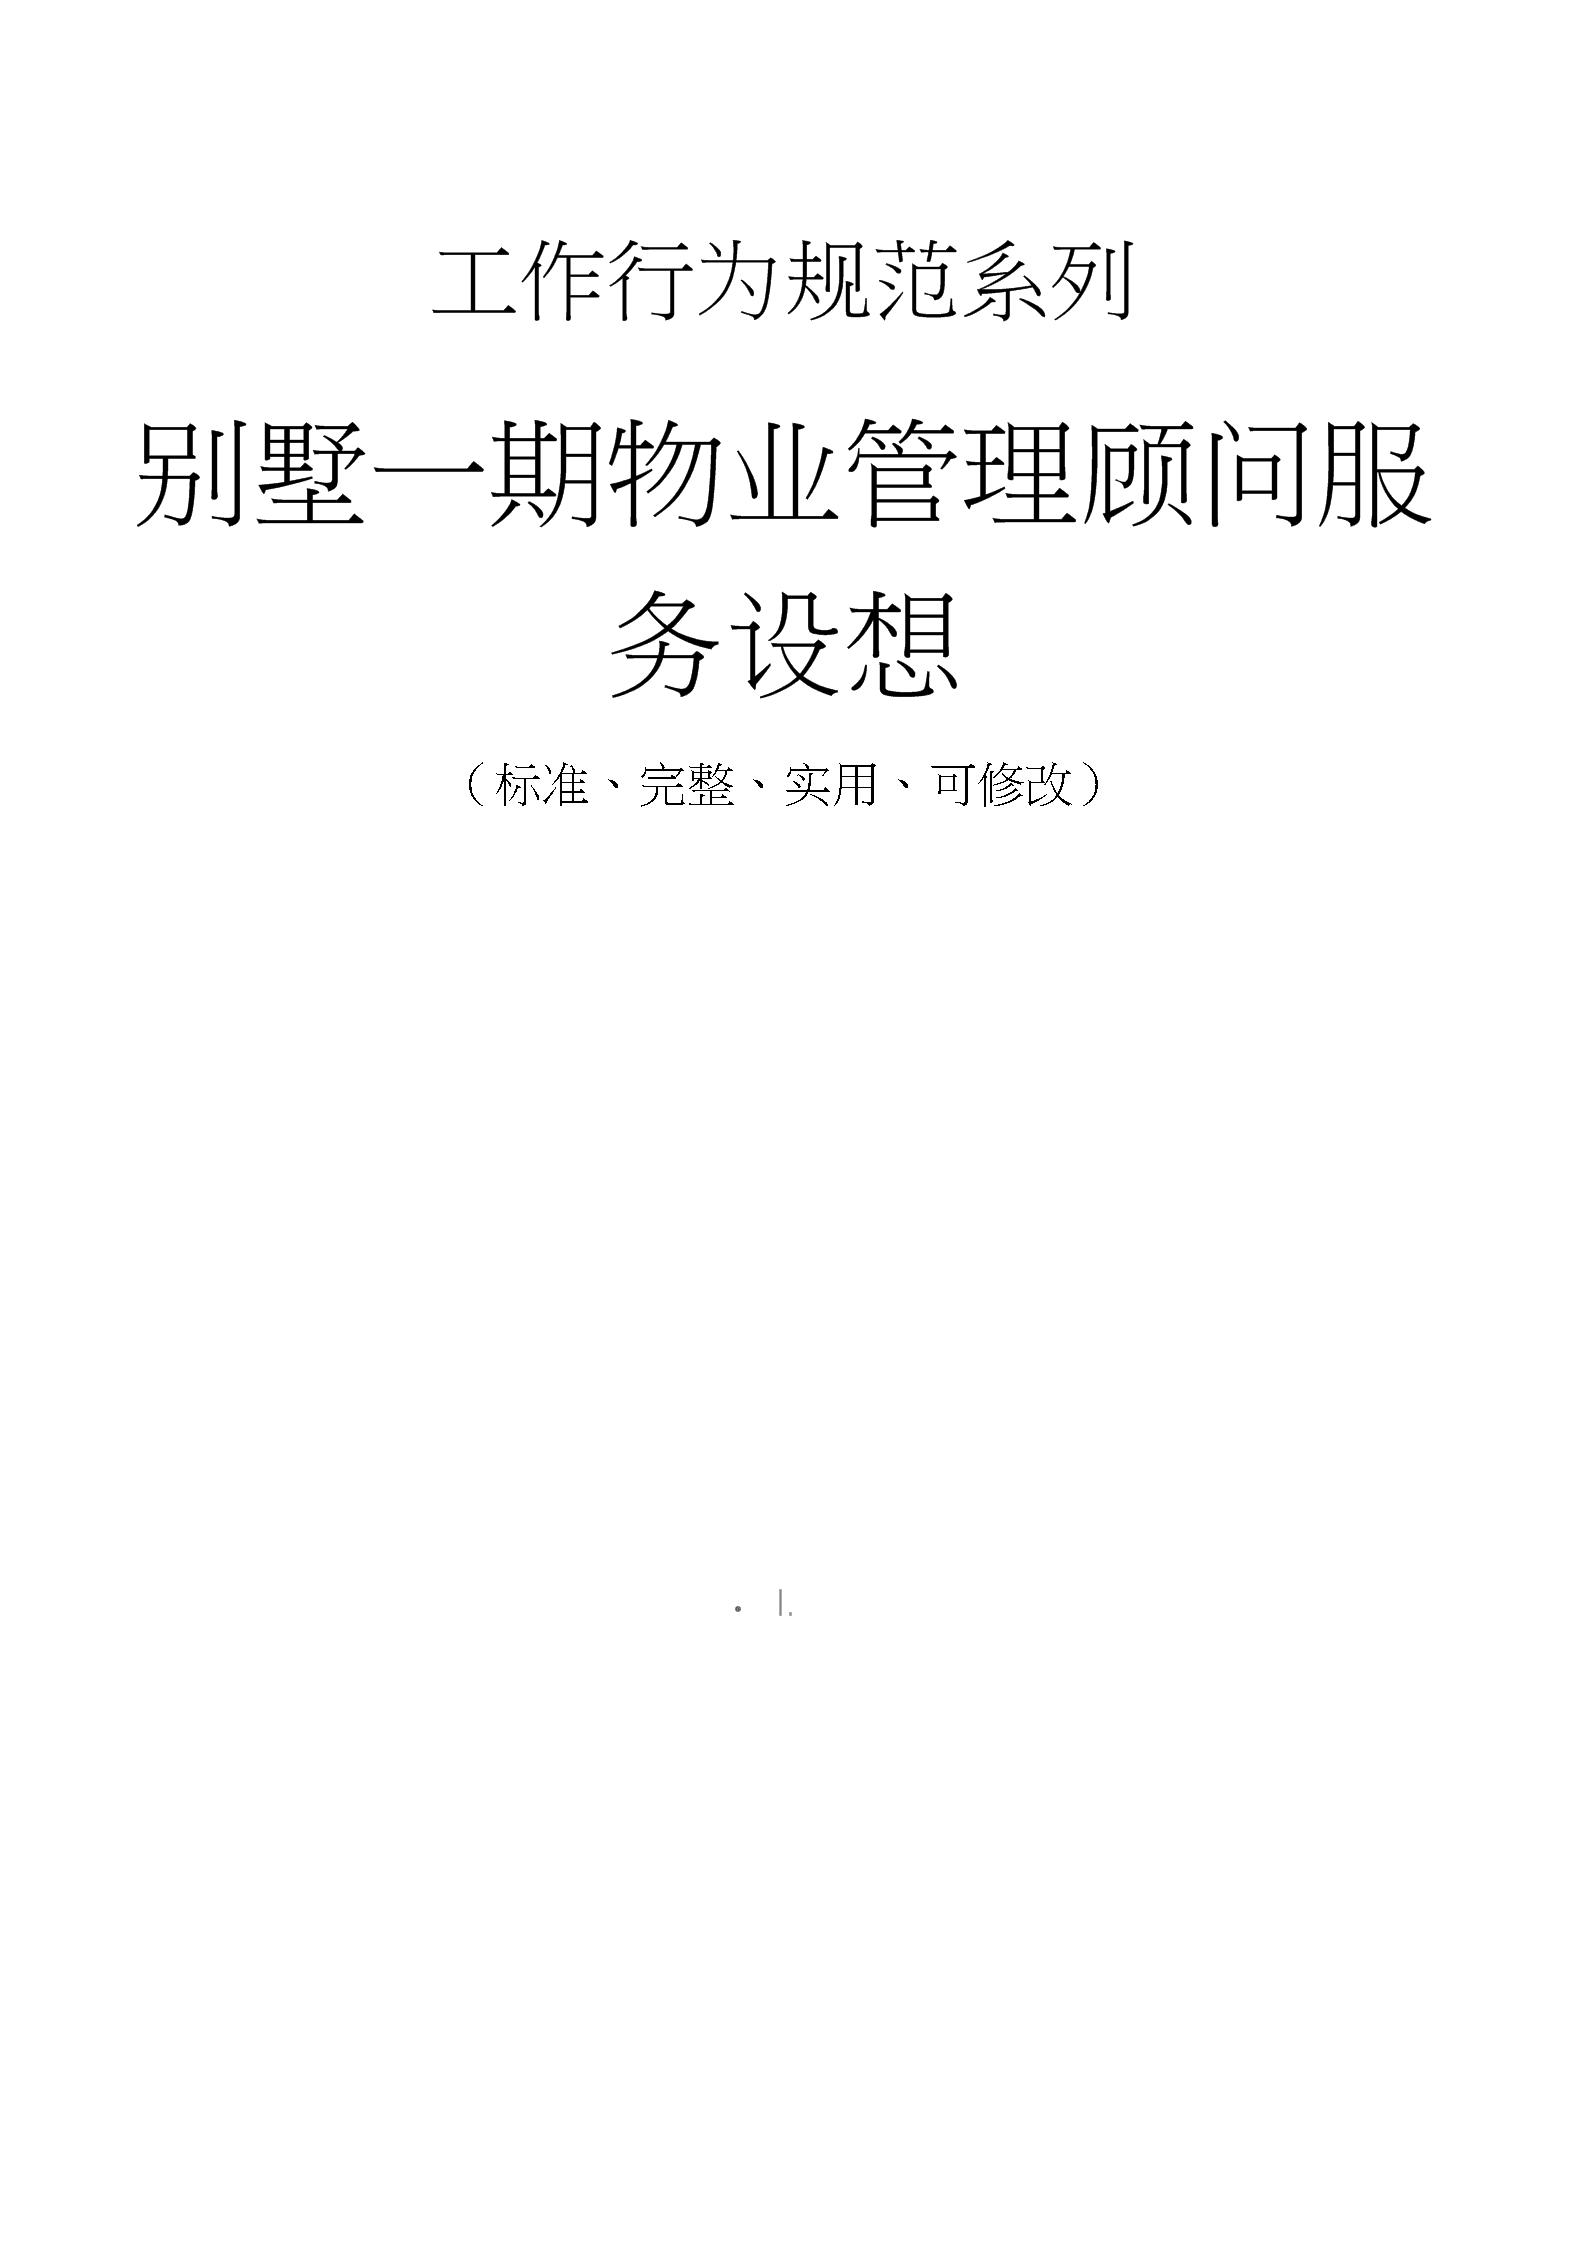 别墅一期物业管理顾问服务设想.docx